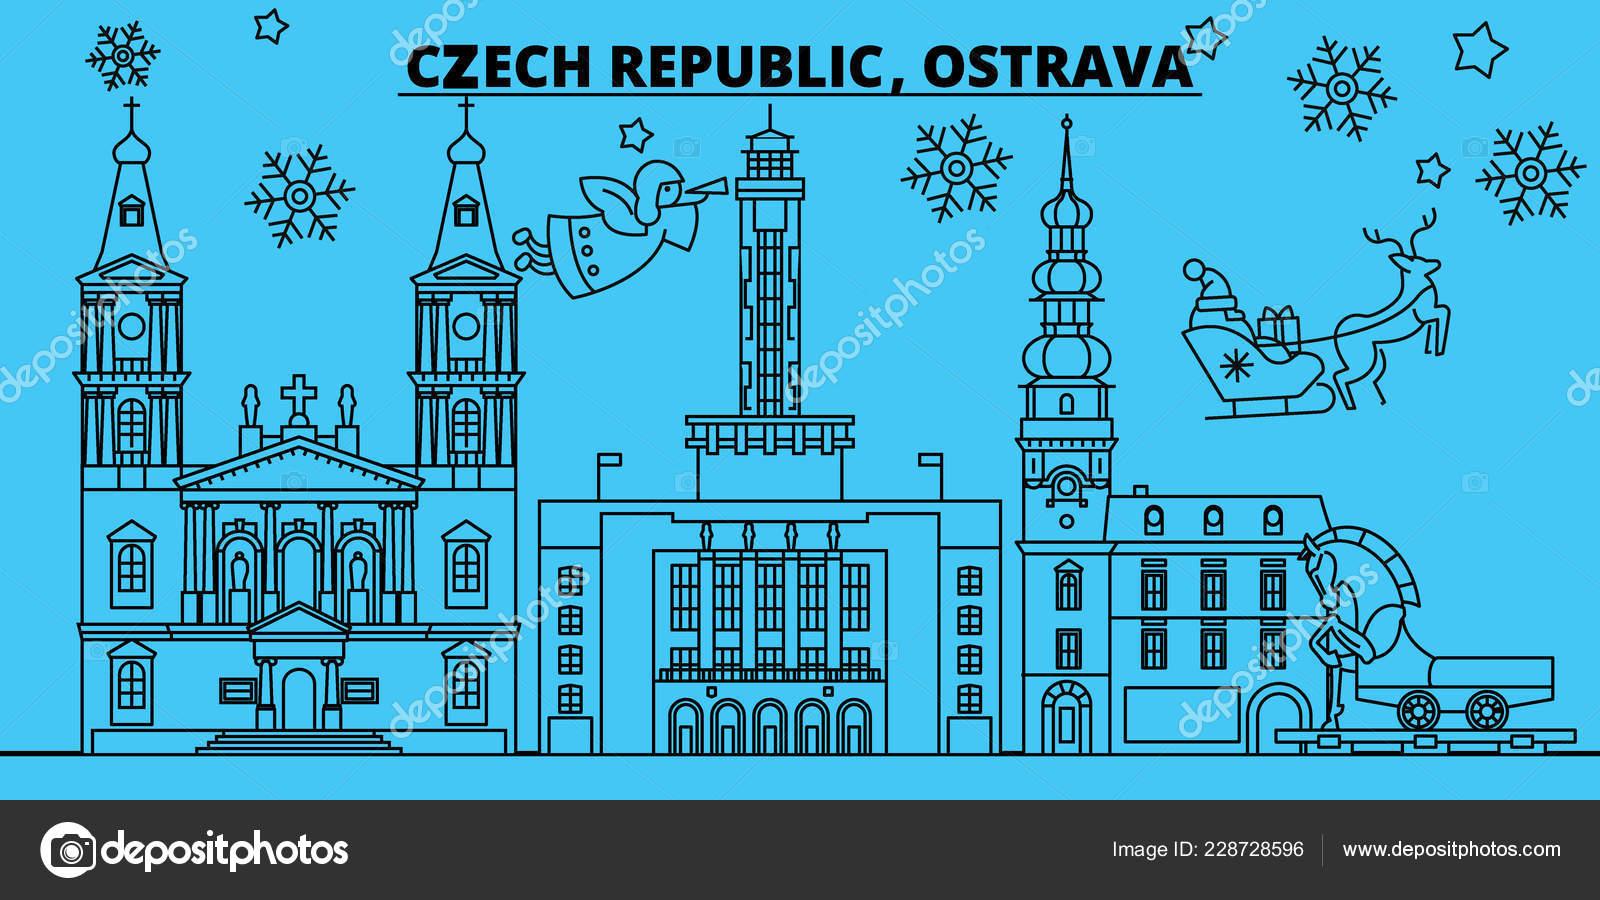 Frohe Weihnachten Und Ein Gutes Neues Jahr Tschechisch.Tschechien Ostrava Winter Urlaub Skyline Merry Christmas